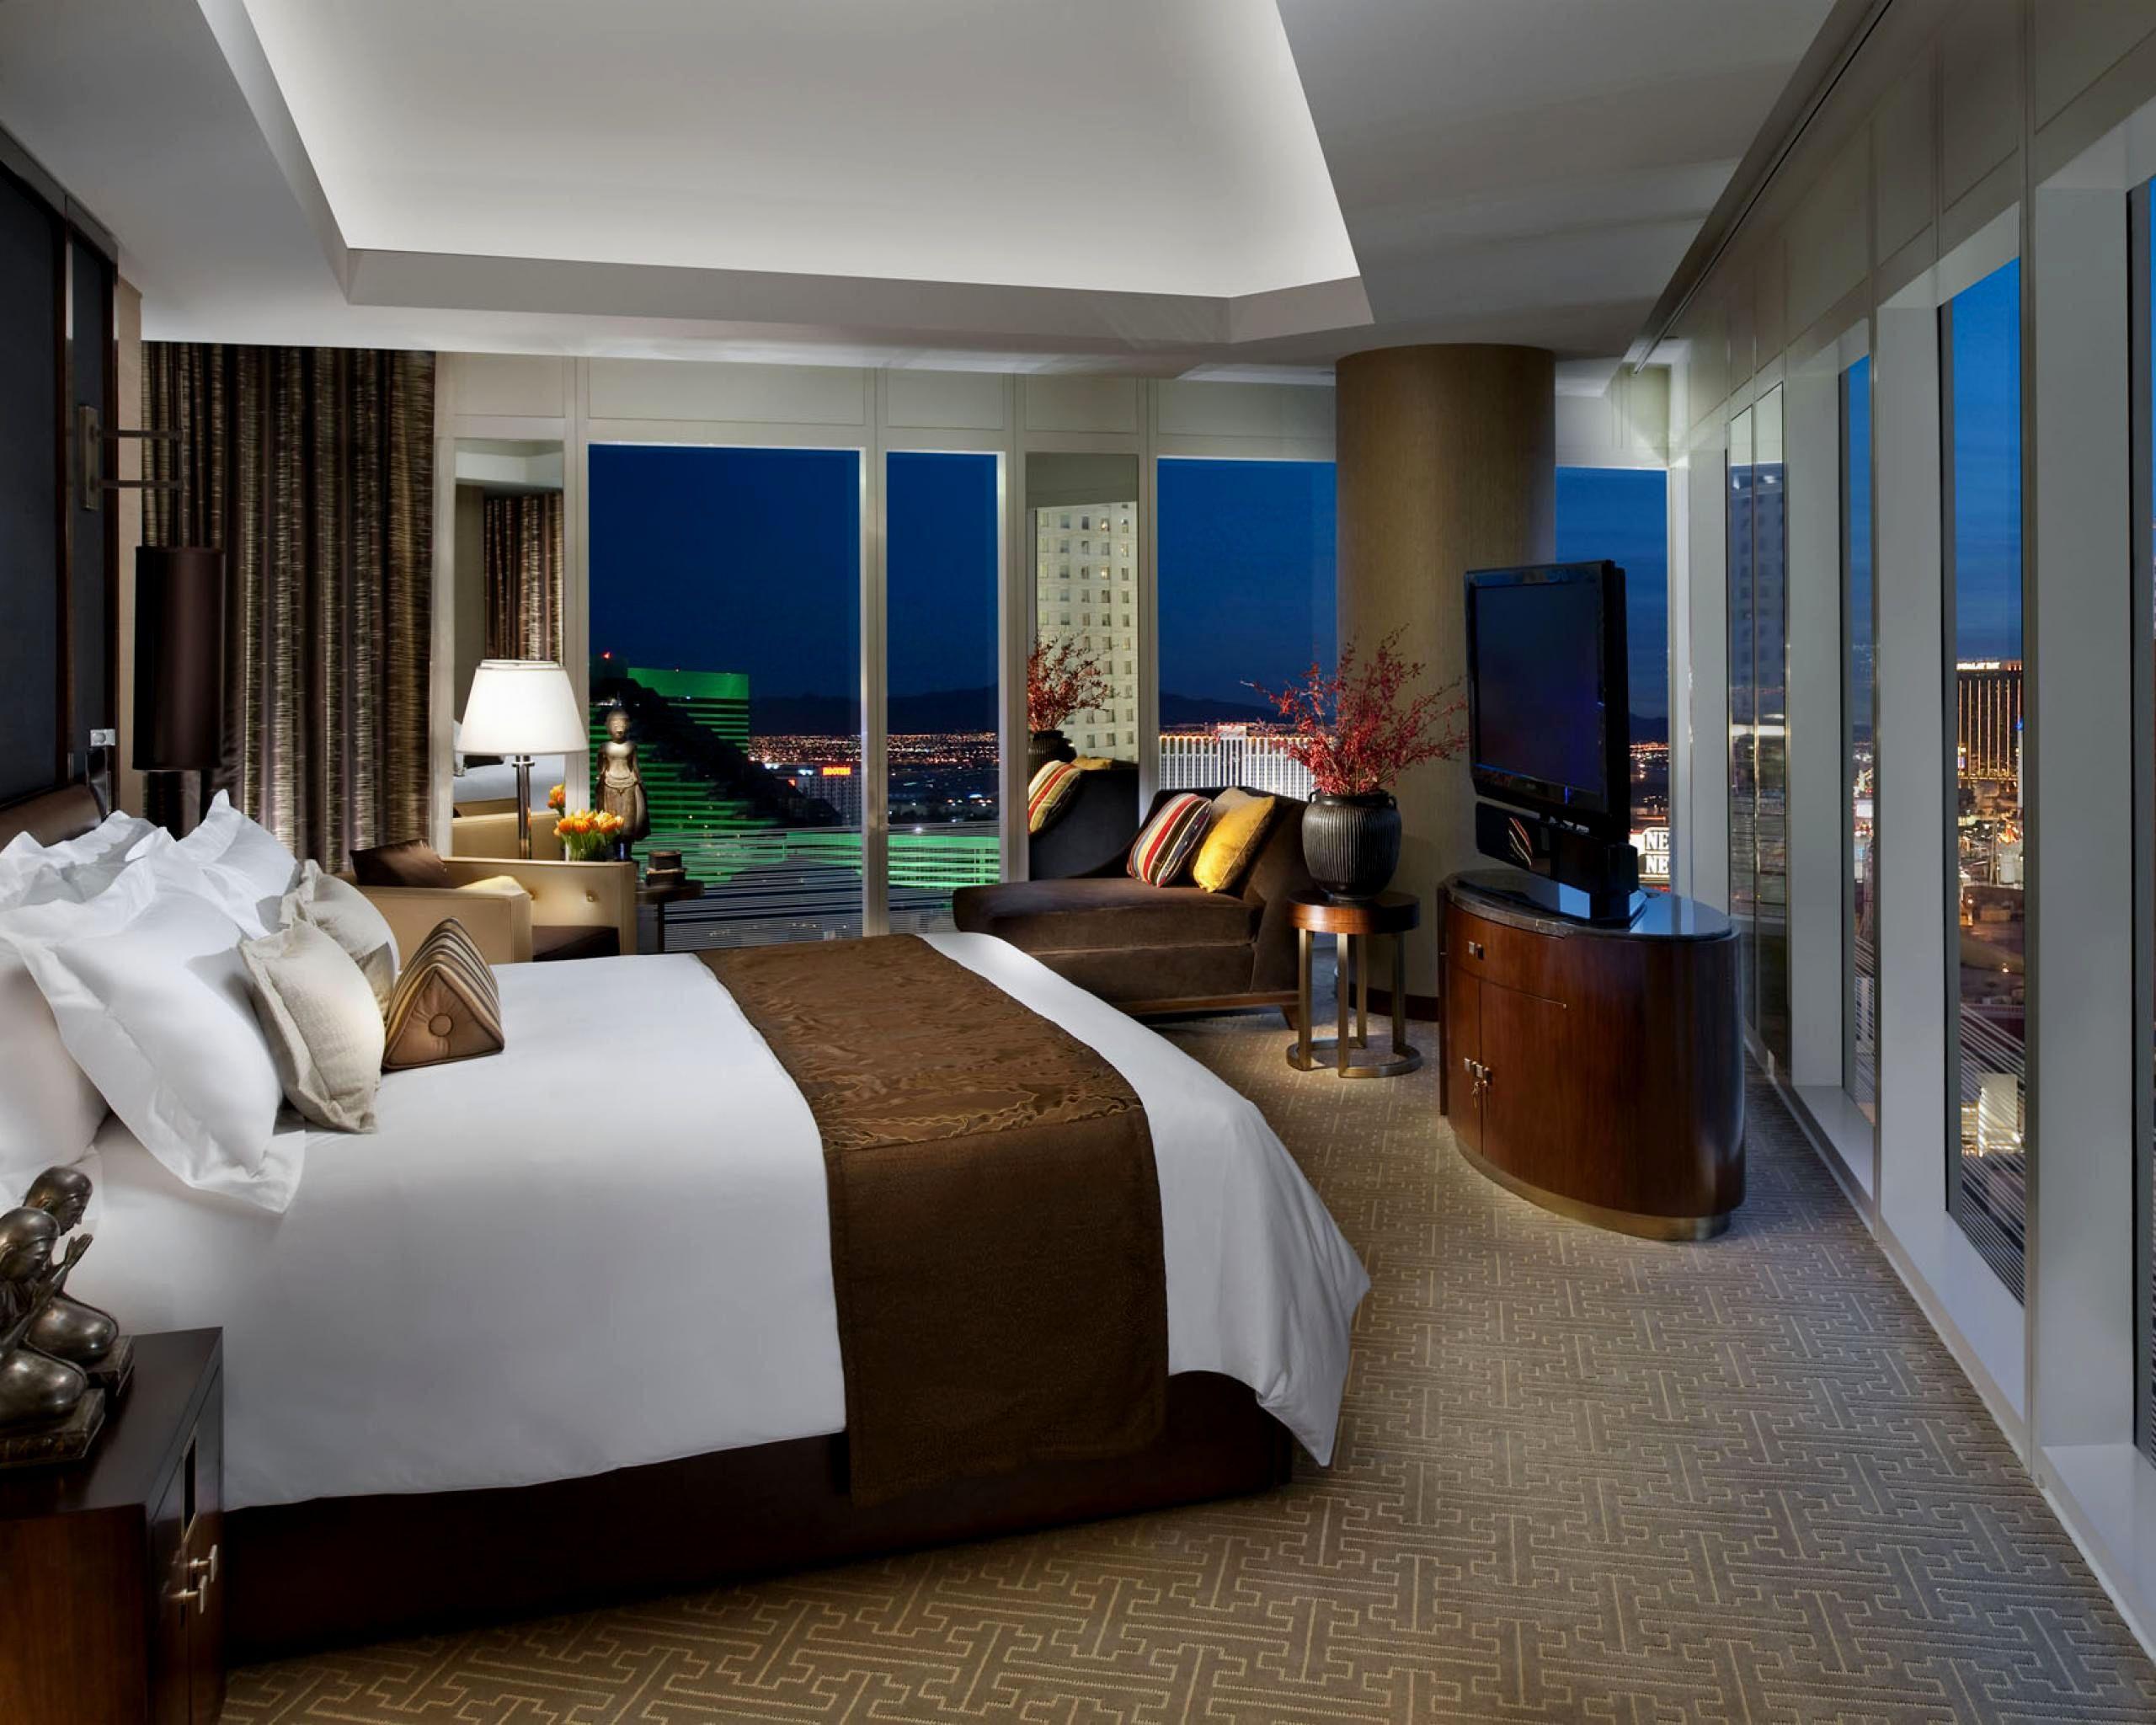 Best ideas about 2 Bedroom Suites Las Vegas . Save or Pin Fancy Las Vegas 2 Bedroom Suites Plan Bedroom Decorating Now.